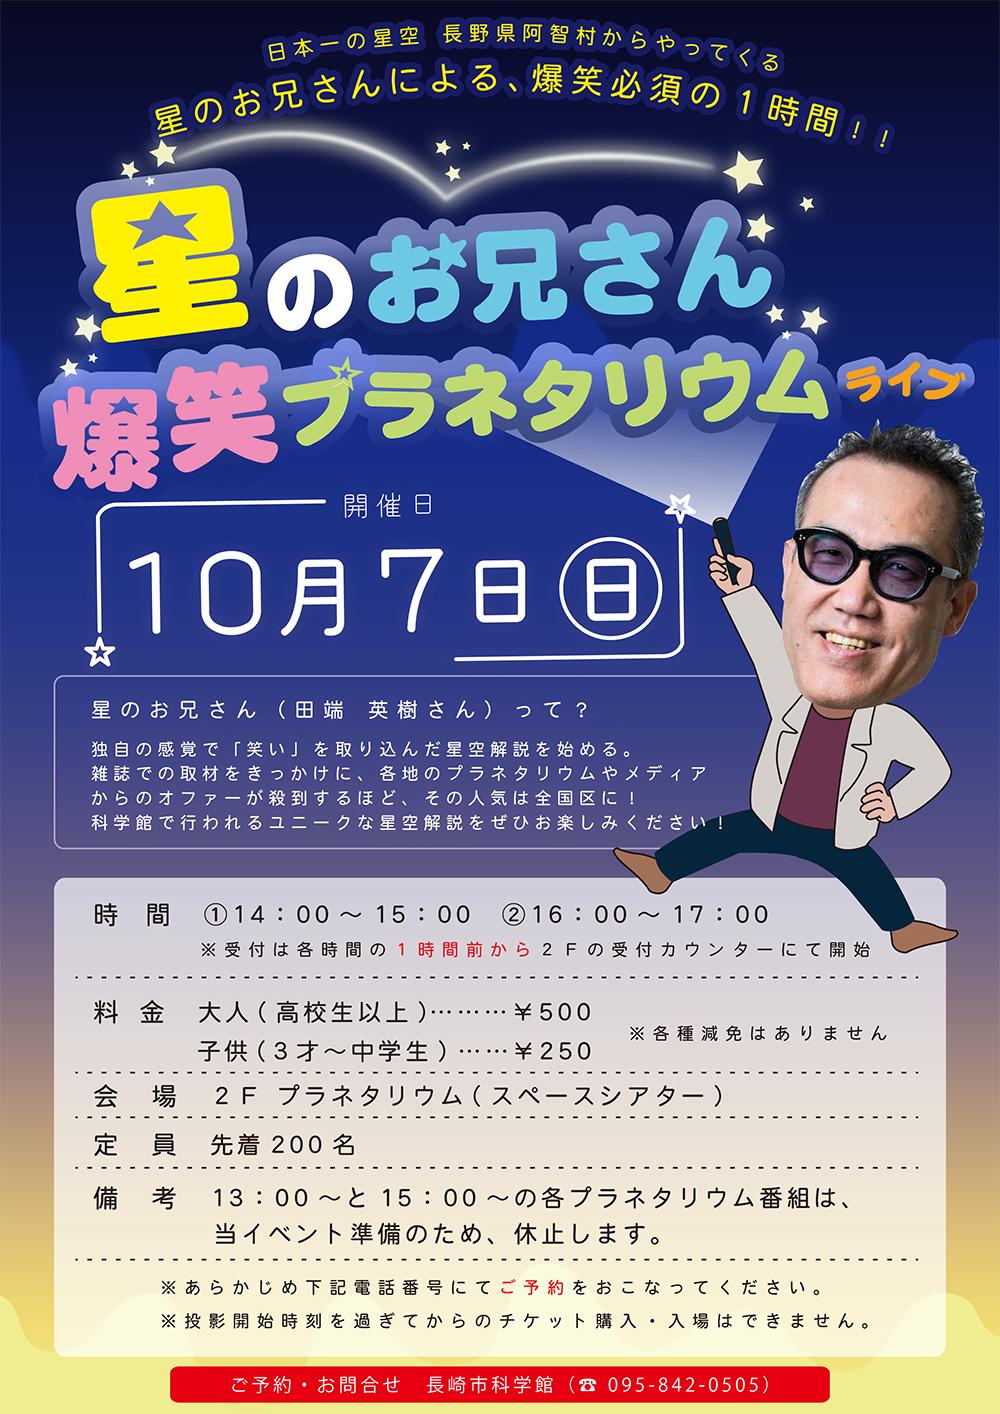 星のお兄さん 爆笑ライブ!